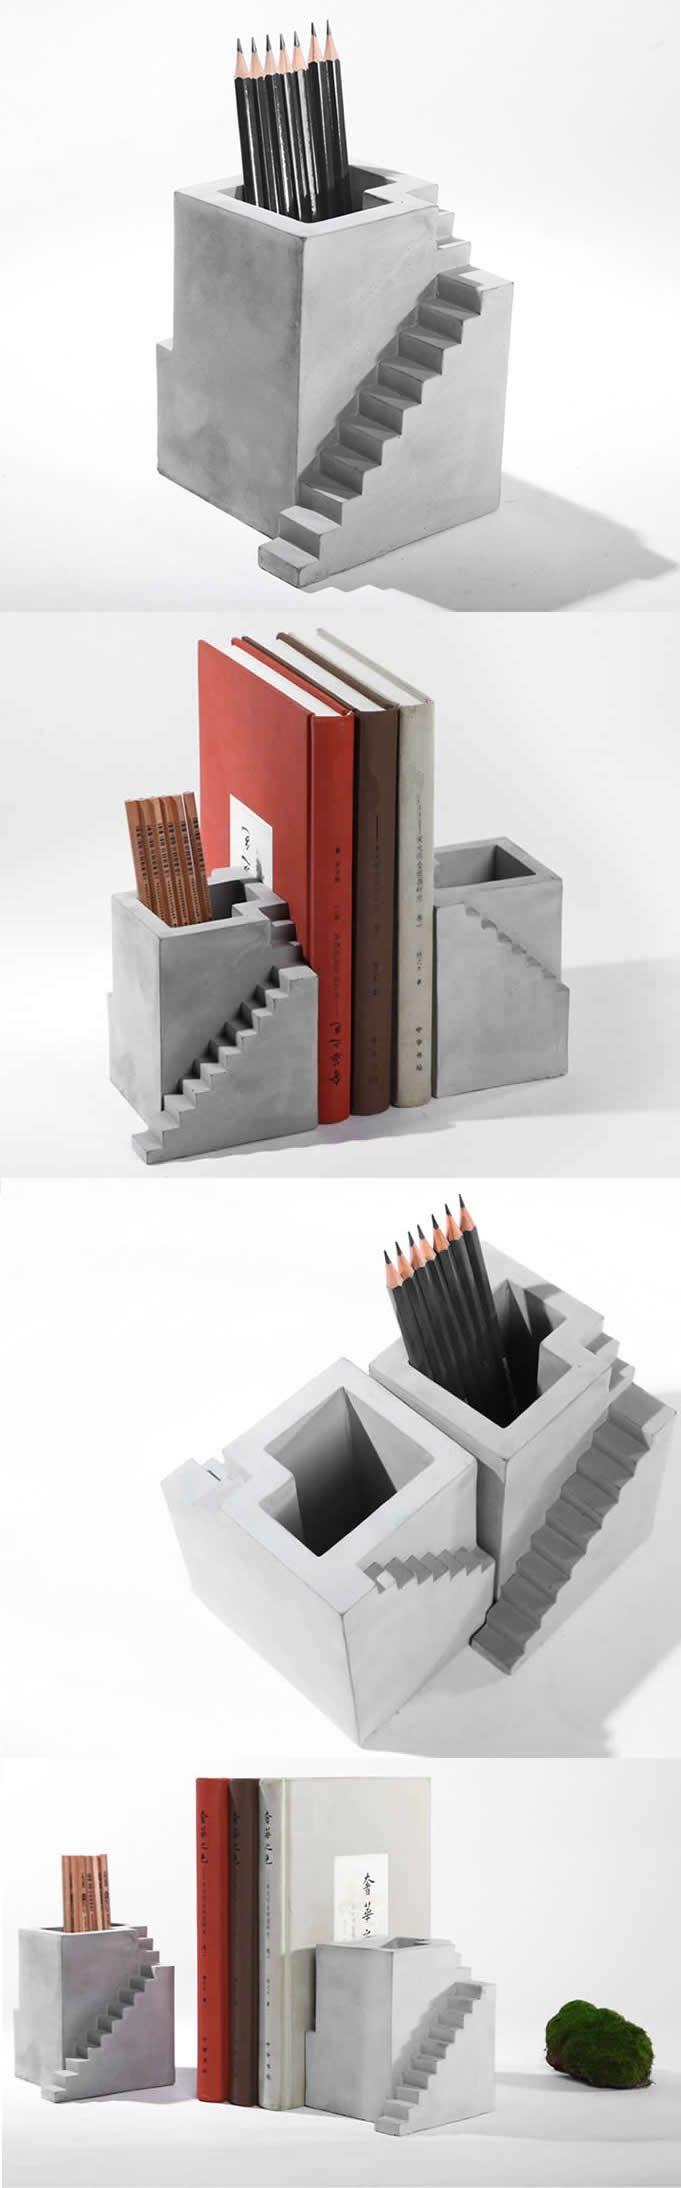 Concrete Architecture Stairs Succulent Planter Flower Pot Pen Pencil Holder  Office Desk Stationery Organizer Concrete Office